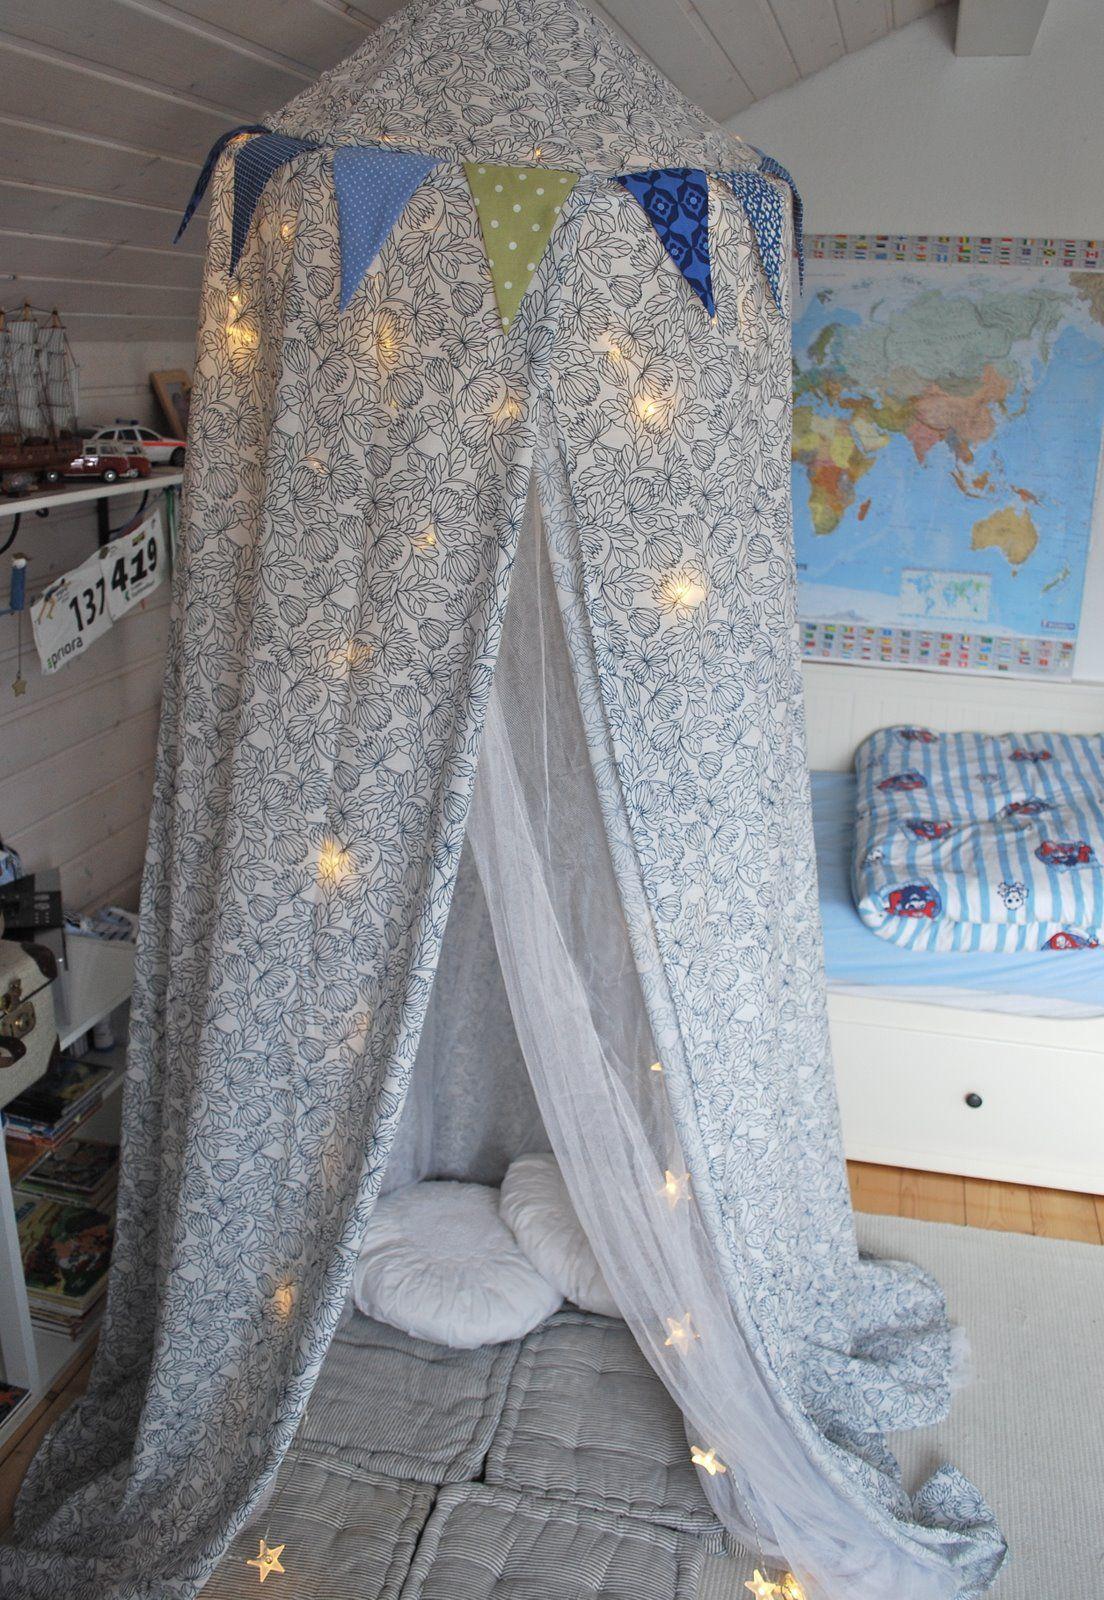 Beeindruckend Kuschelhöhle Kinderzimmer Referenz Von Mamas Kram: Spielzelt-leseecke-kuschelhöhle